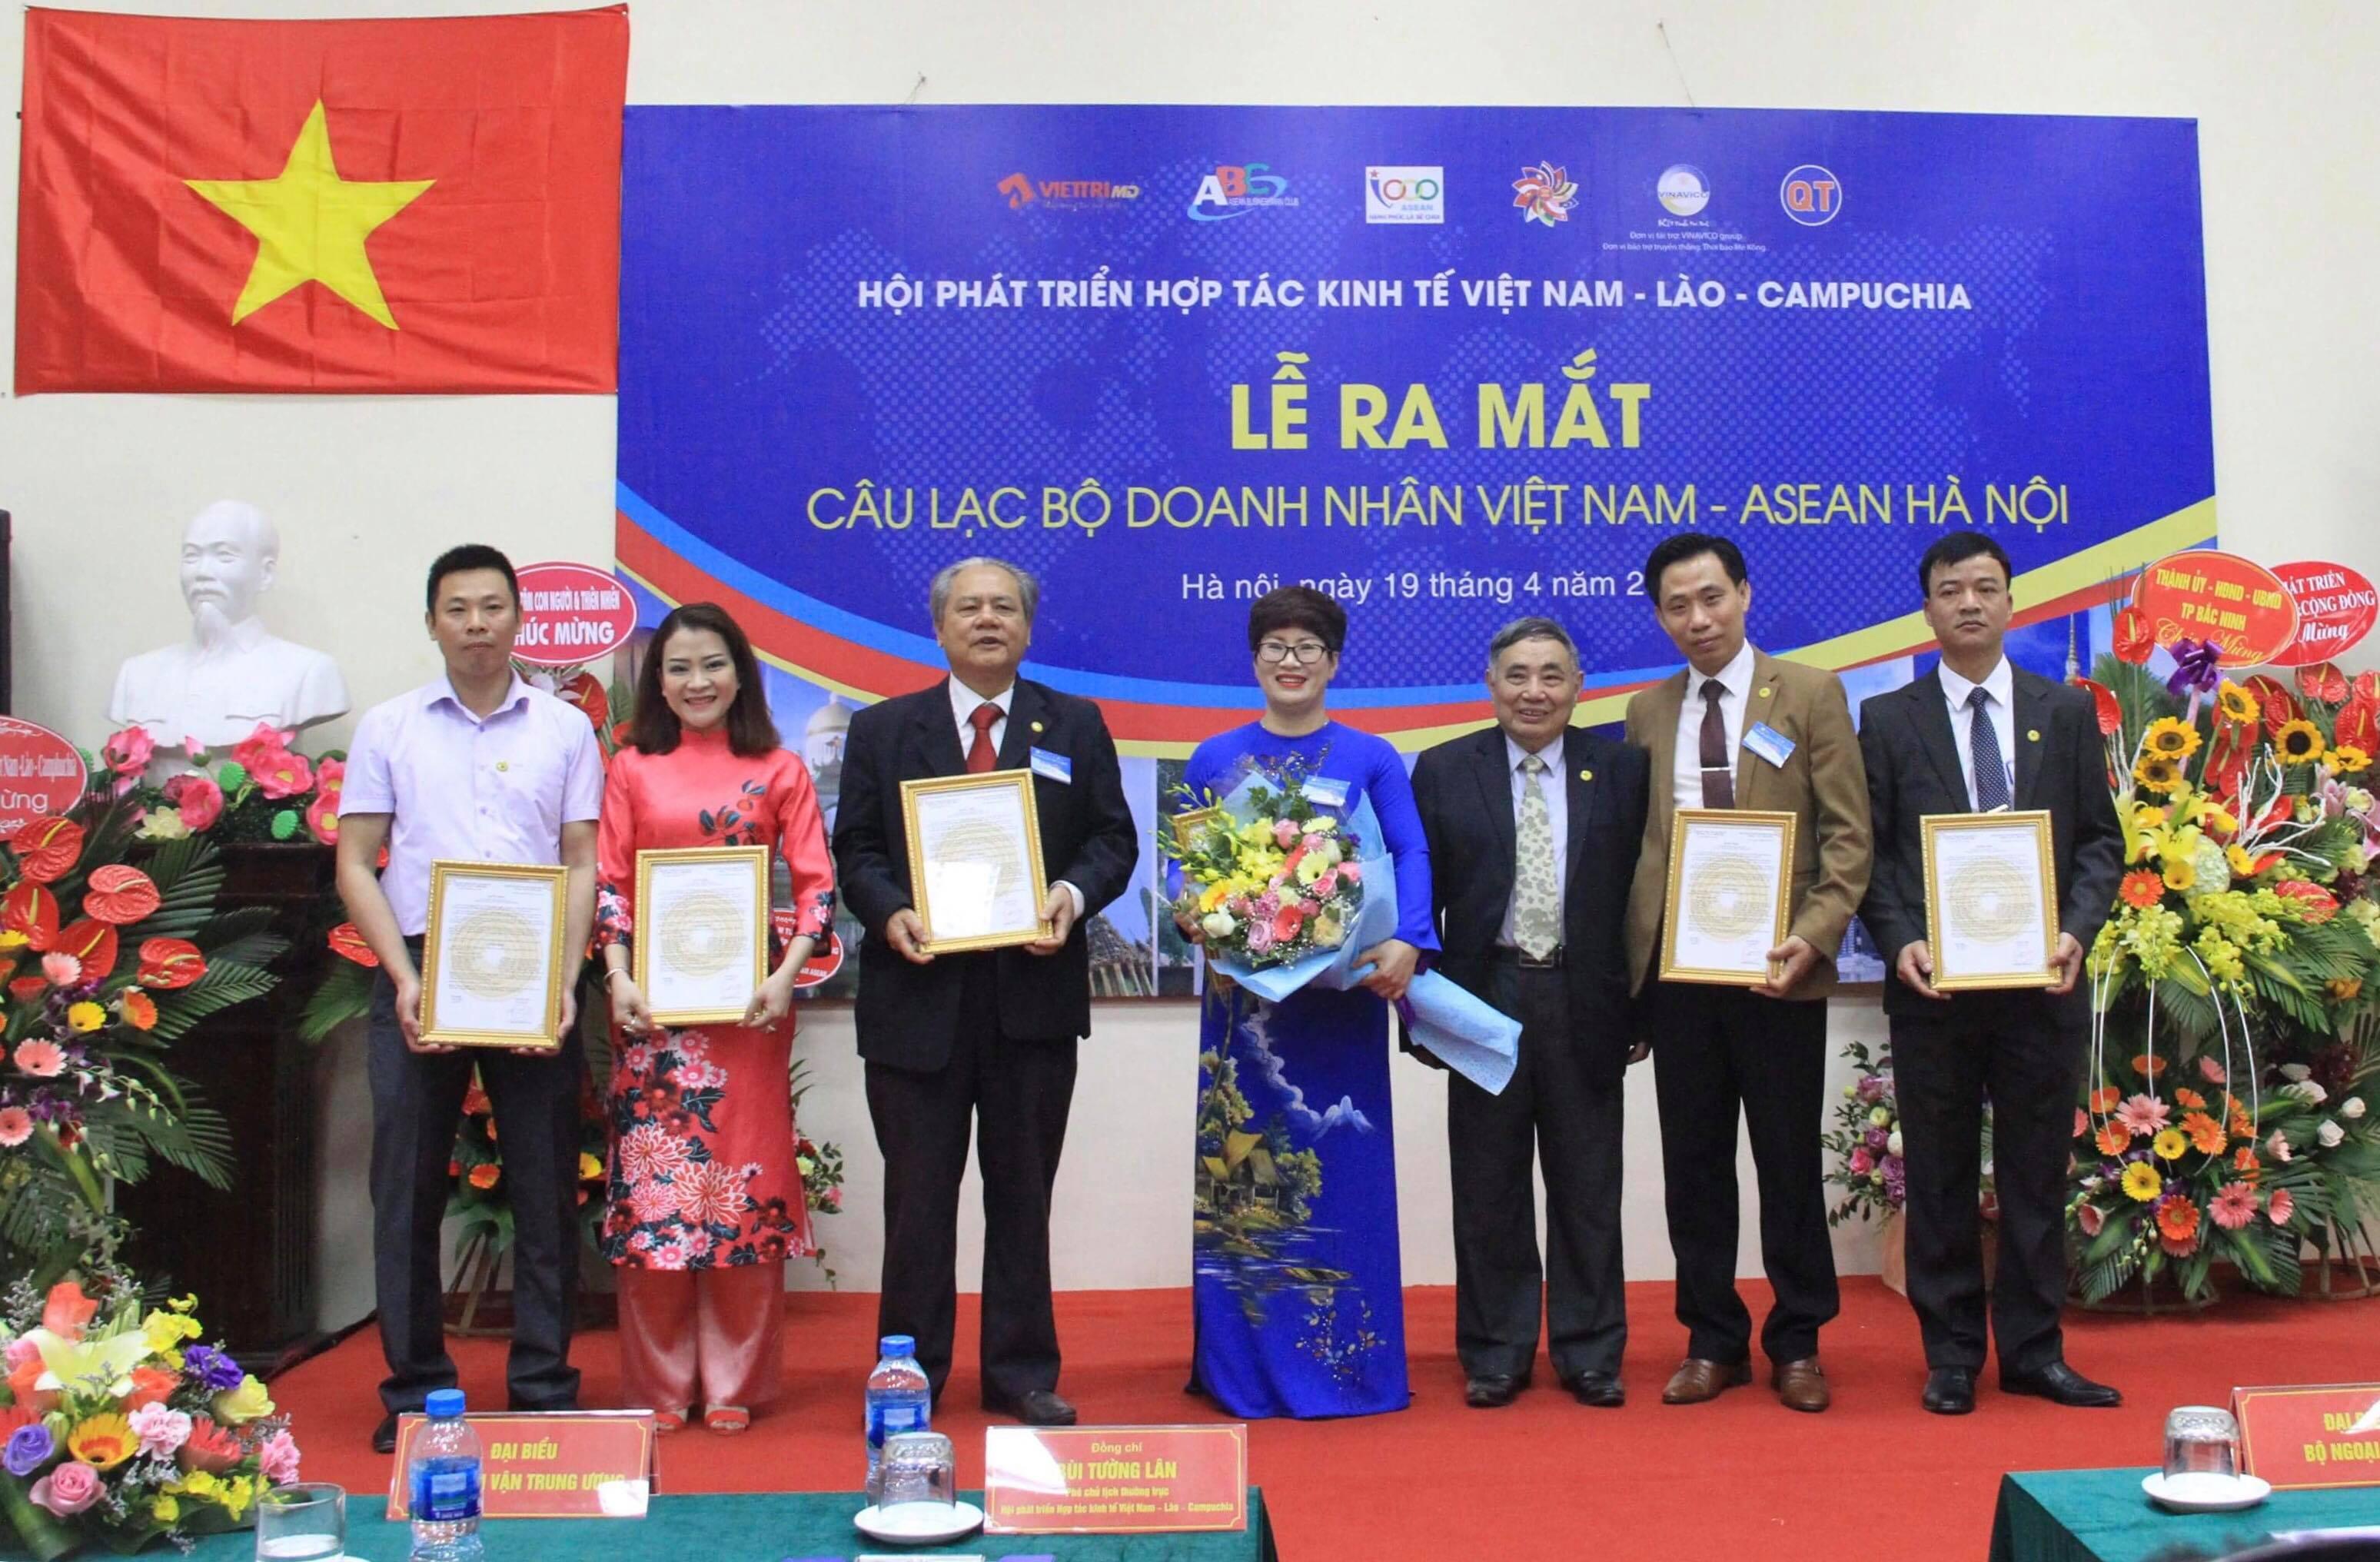 Câu lạc bộ Doanh nhân Việt Nam - ASEAN: Tăng cường kết nối doanh nghiệp Việt Nam (21/4/2018)